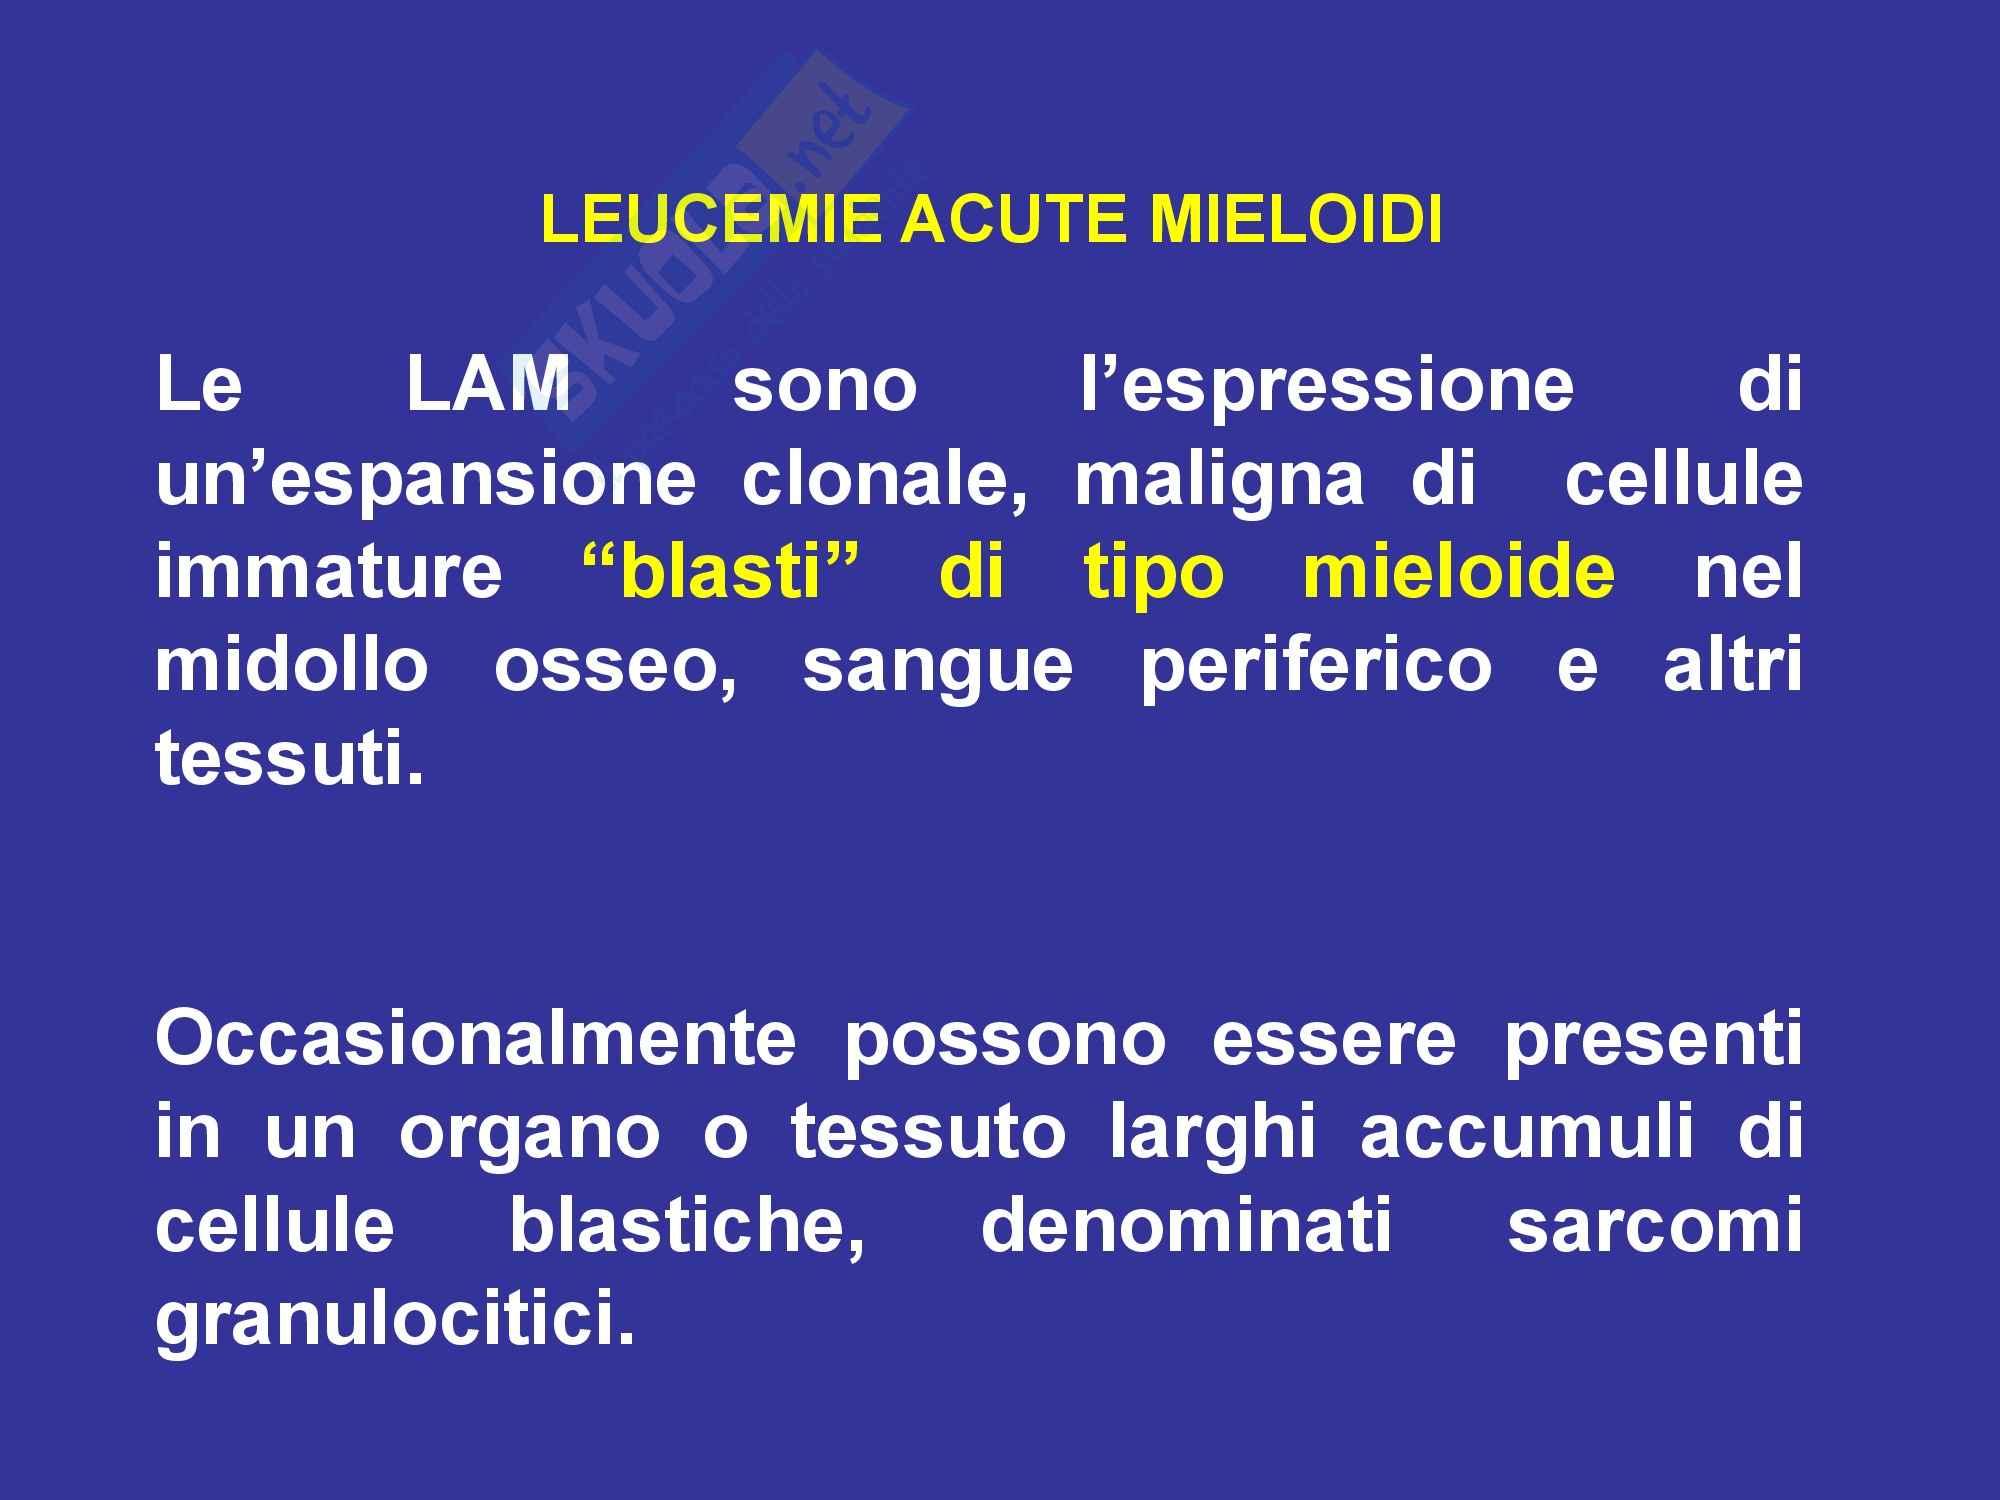 Leucemie - Mieloidi e acute Pag. 6